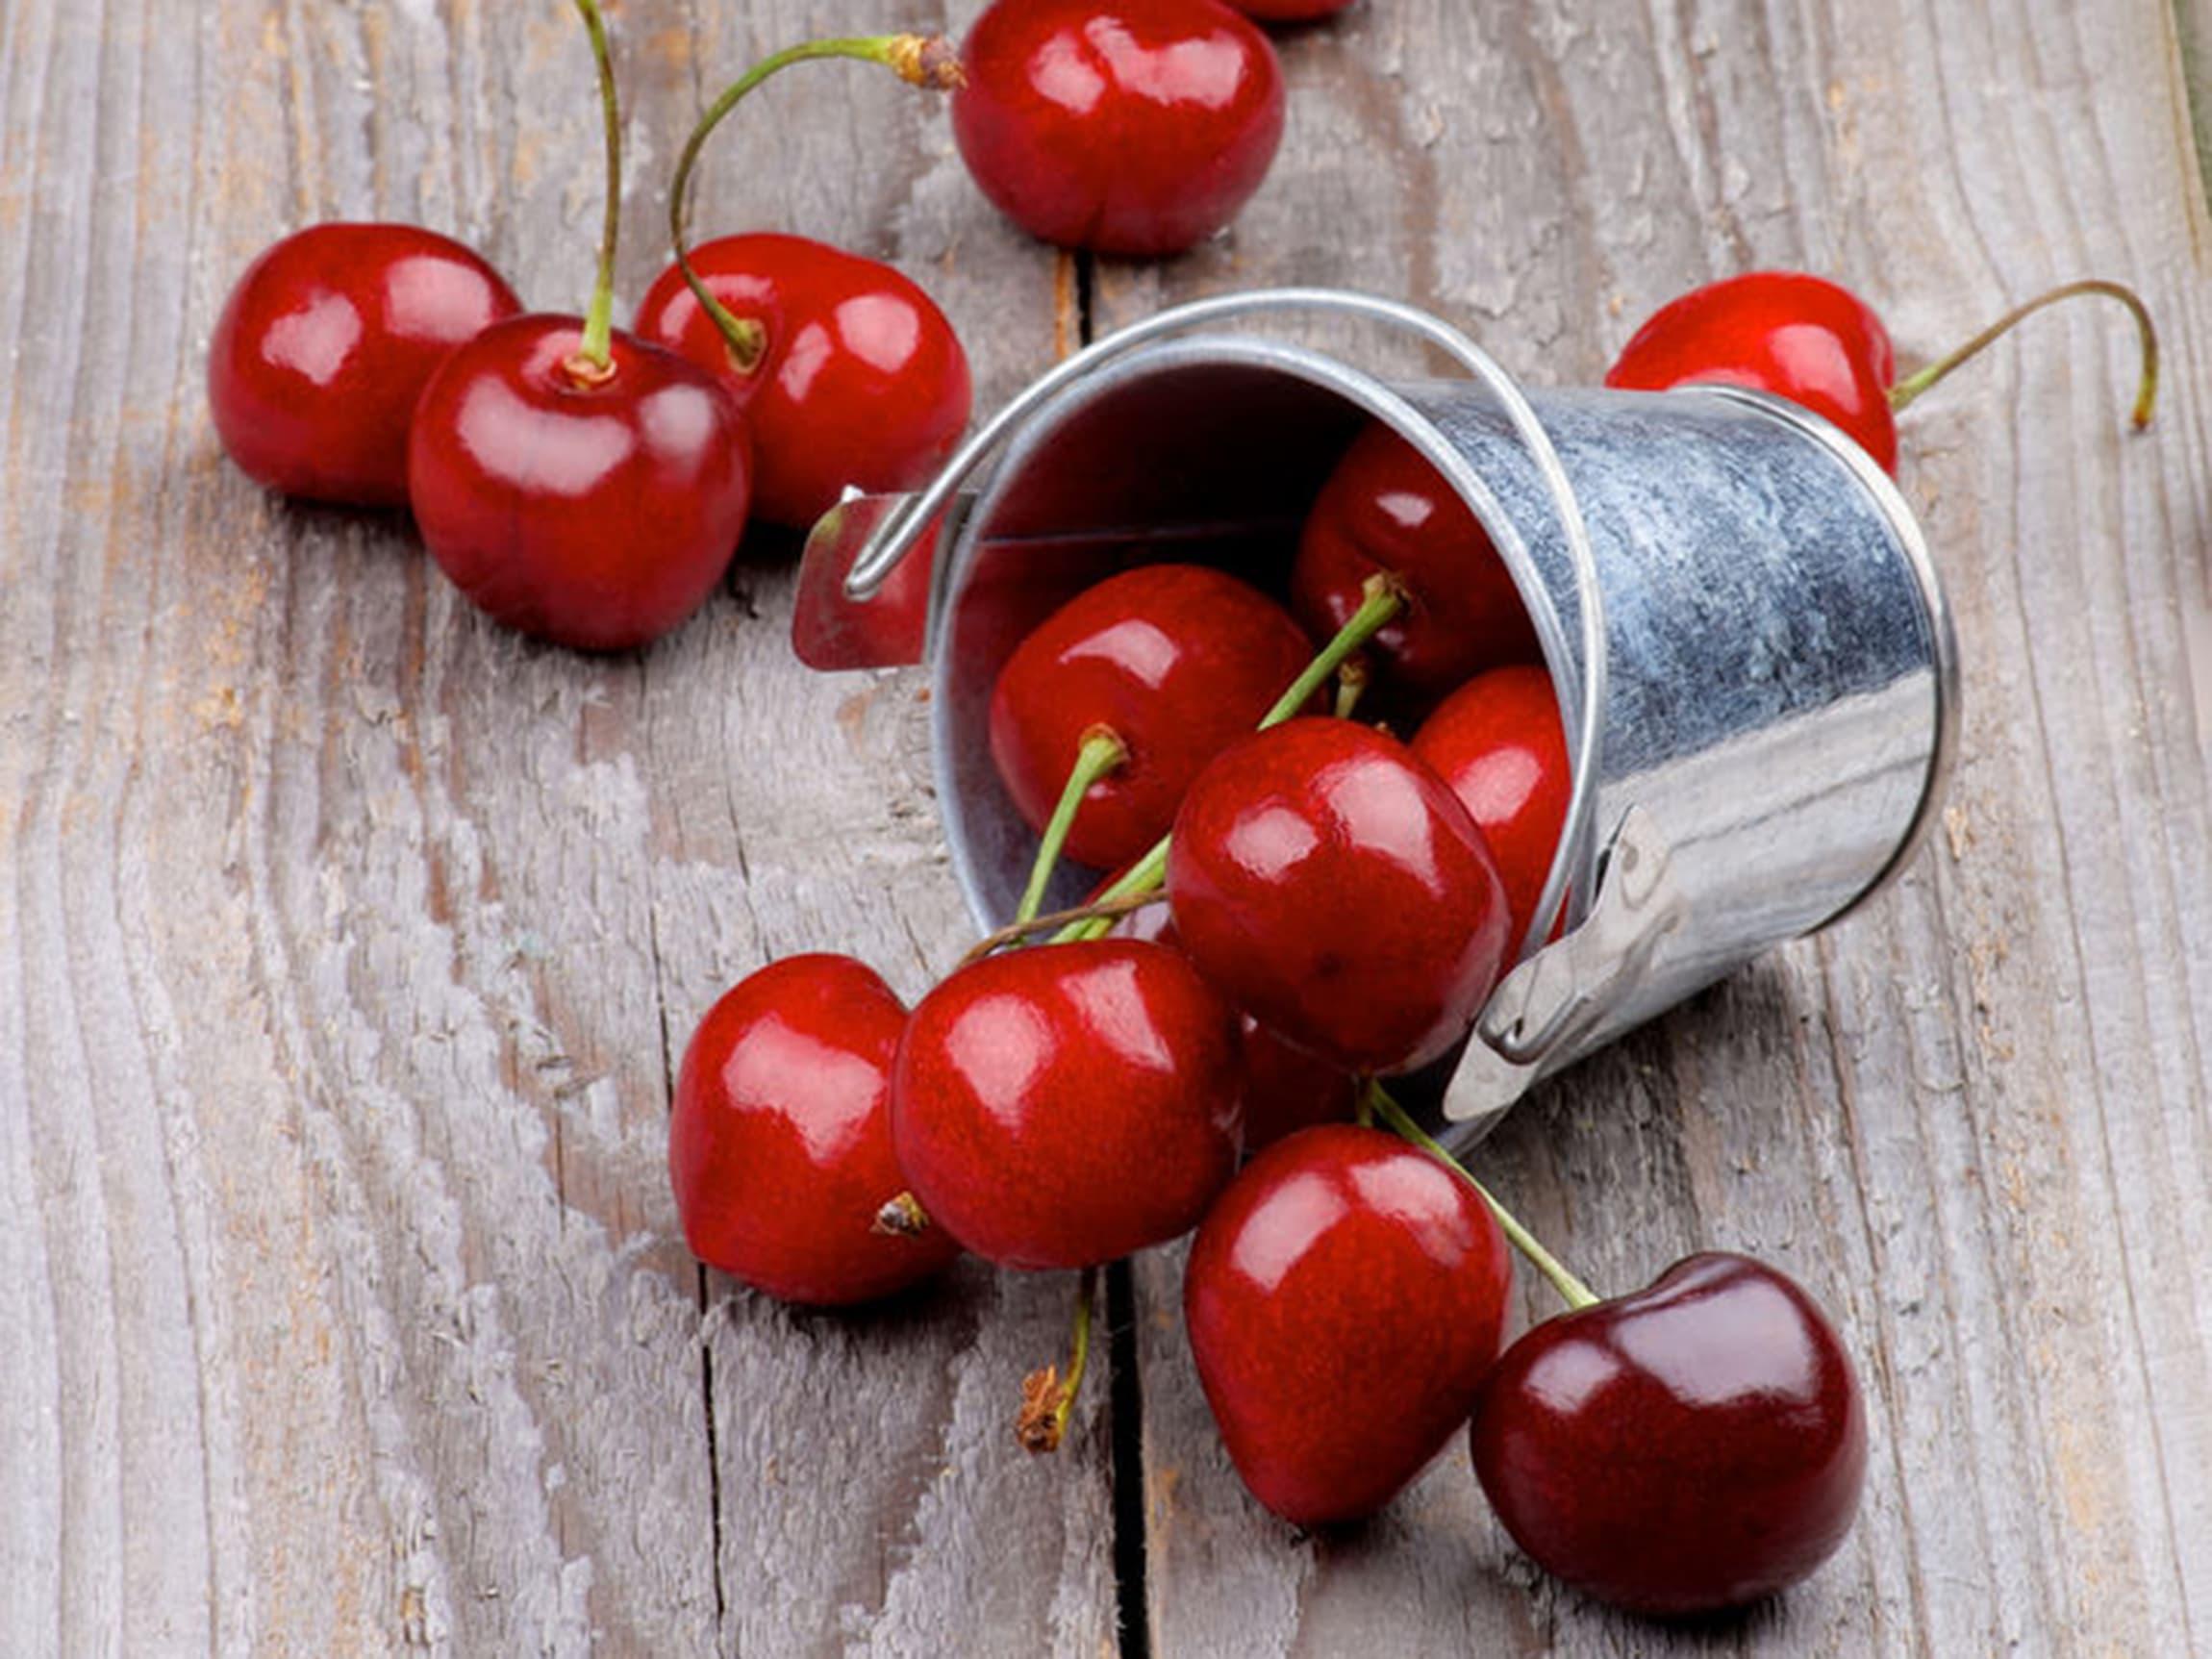 Moreller er smaken av sommer for mange. Det er ikke rart når de er så søte og smakfulle!